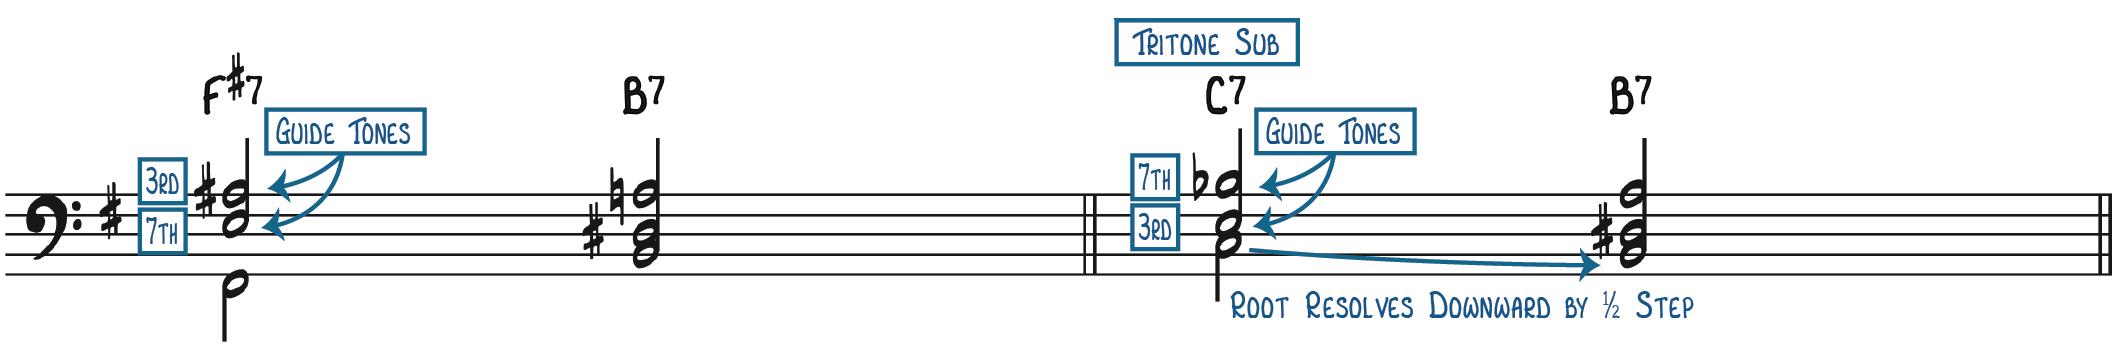 Tritone Substitution Illustration